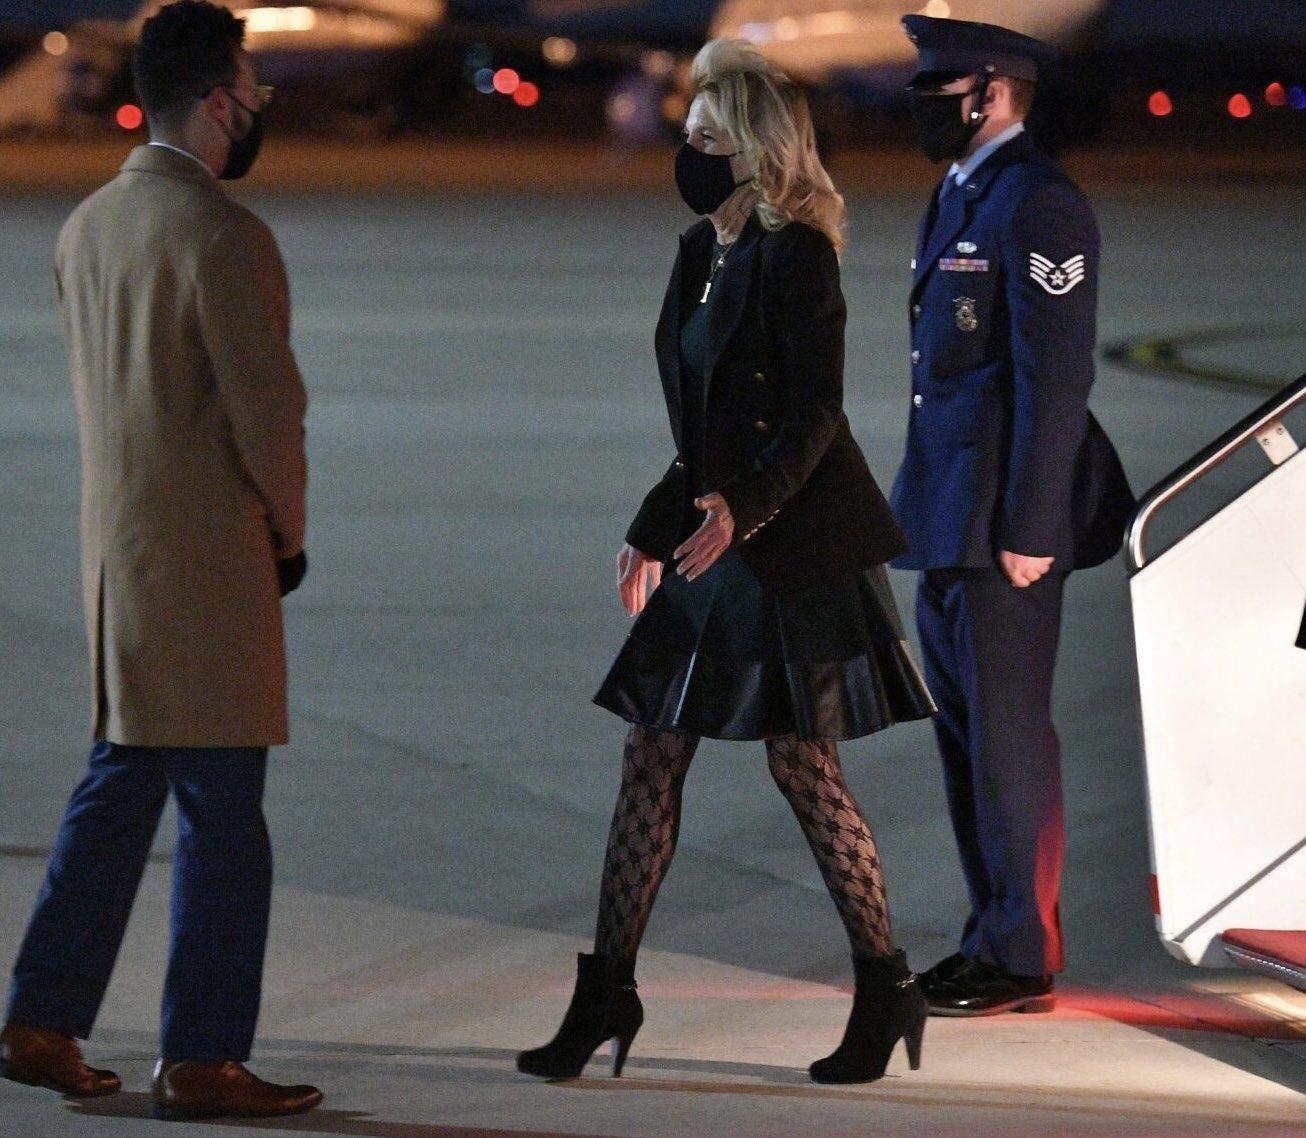 В Сети раскритиковали новый образ Джилл Байден из-за колготок с узором (ФОТО) - фото №1